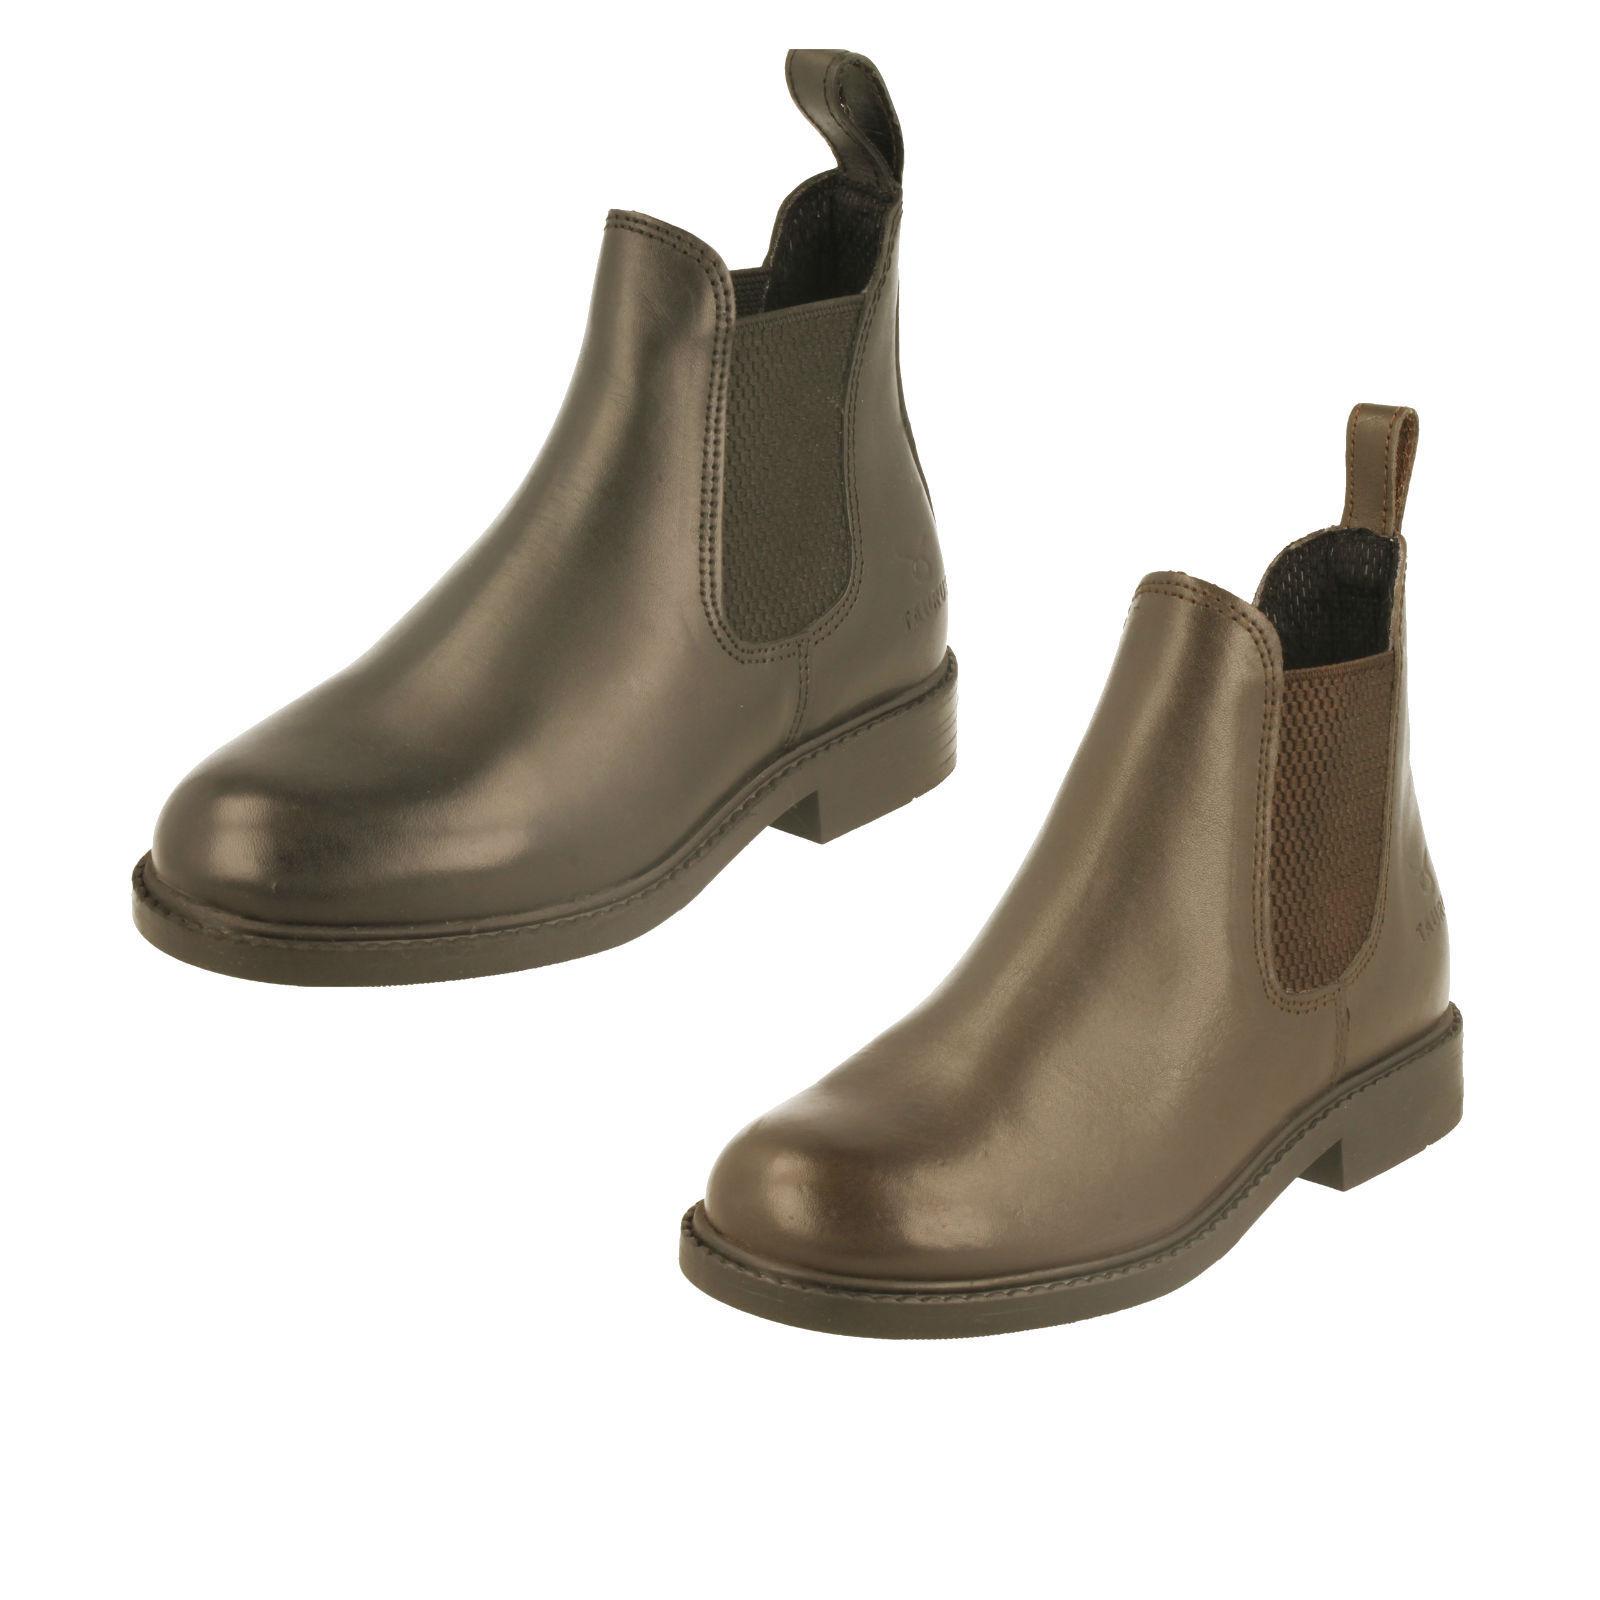 Los últimos zapatos de descuento para hombres y mujeres UNISEX TAURUS Jodhpur Botas - Clásico